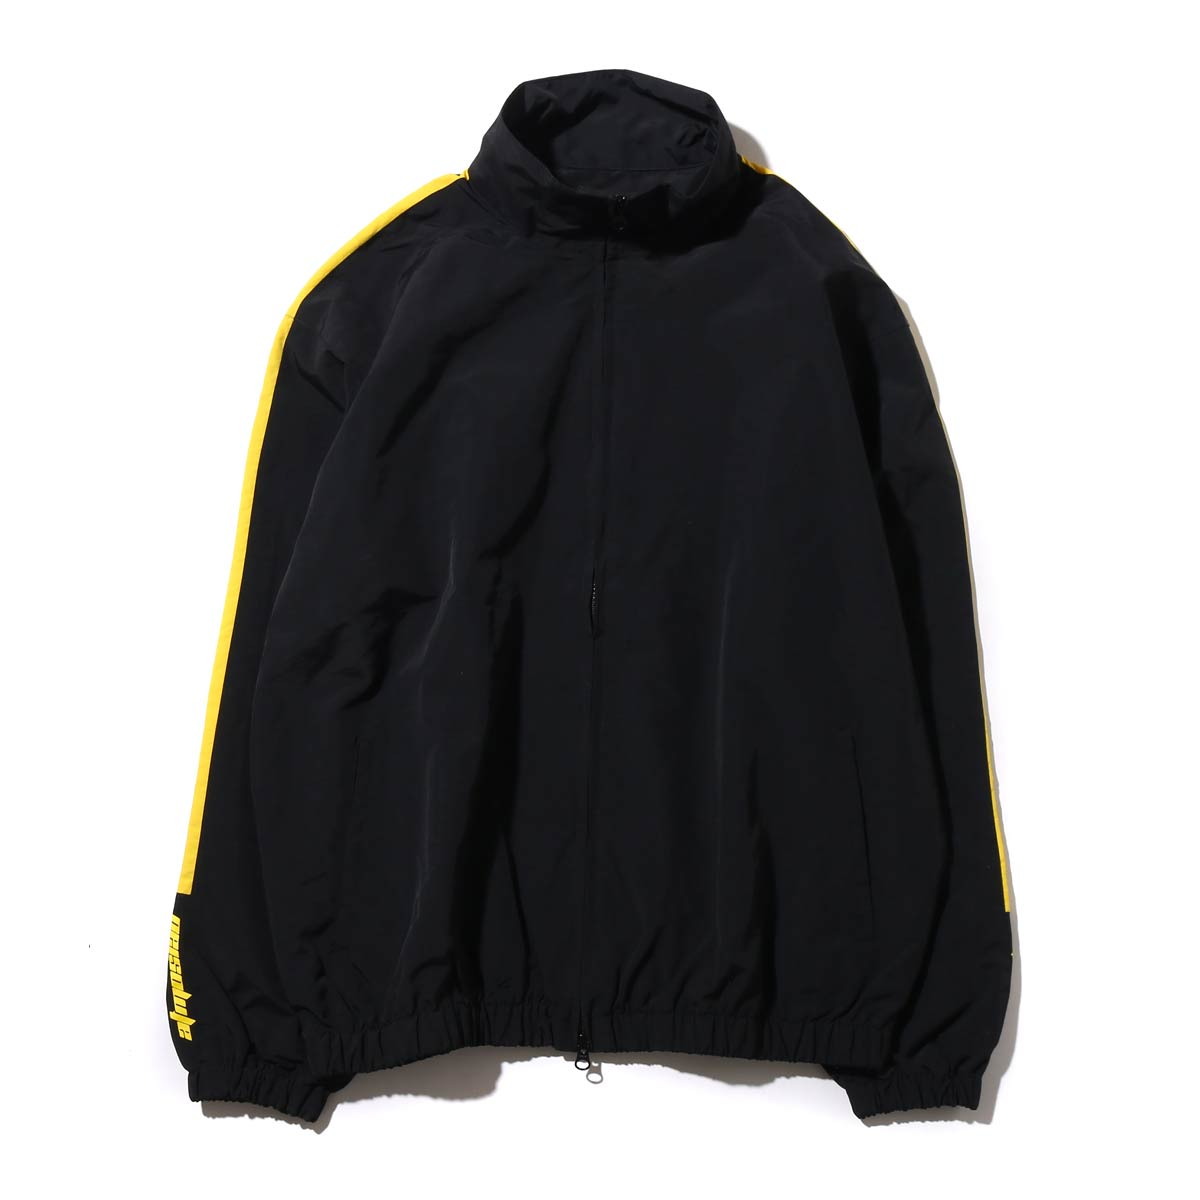 ファッション ATMOS LAB NYLON TRACK ライン LINE ATMOS JACKET(アトモスラボ ナイロン トラック LAB ライン ジャケット)(BLACK/YELLOW)17FW-I, アールワイレンタル:1d37e081 --- hortafacil.dominiotemporario.com